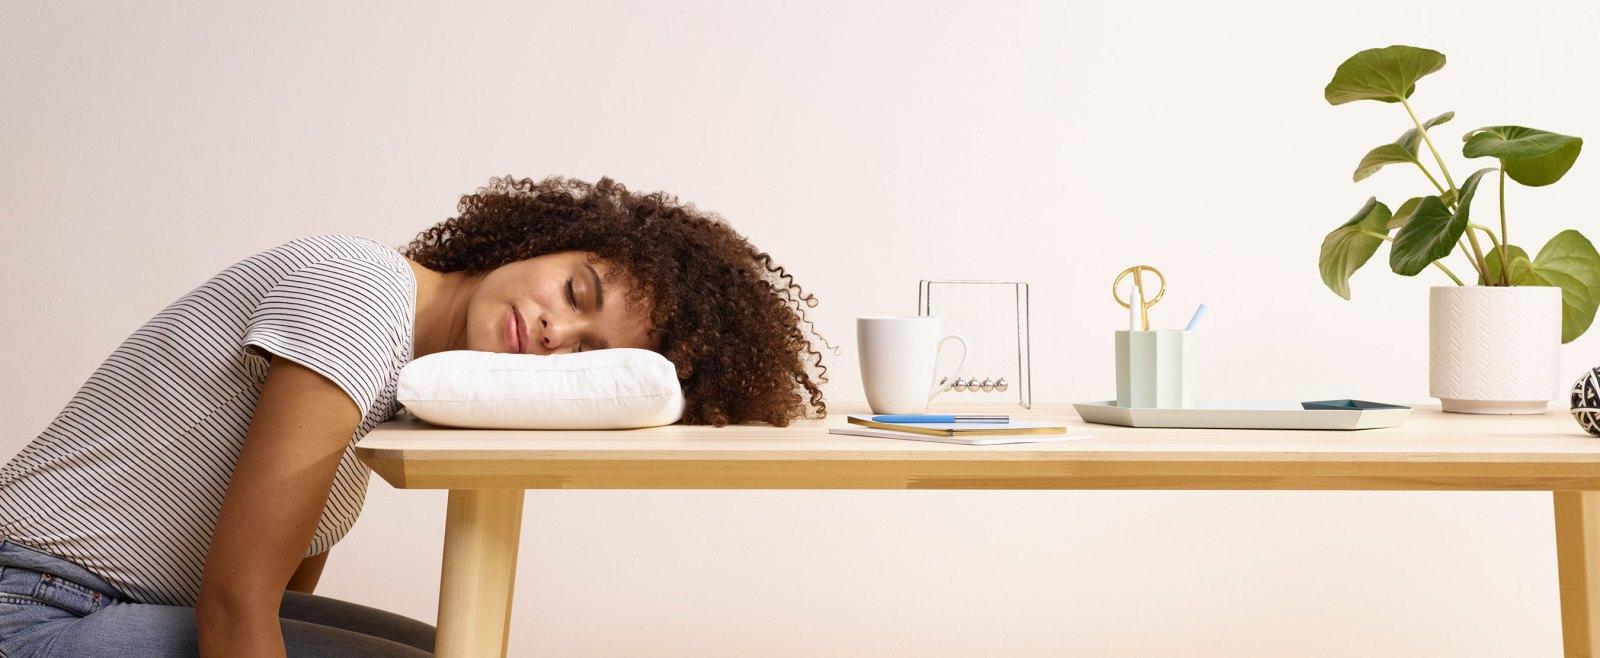 nap pillow small travel pillow casper